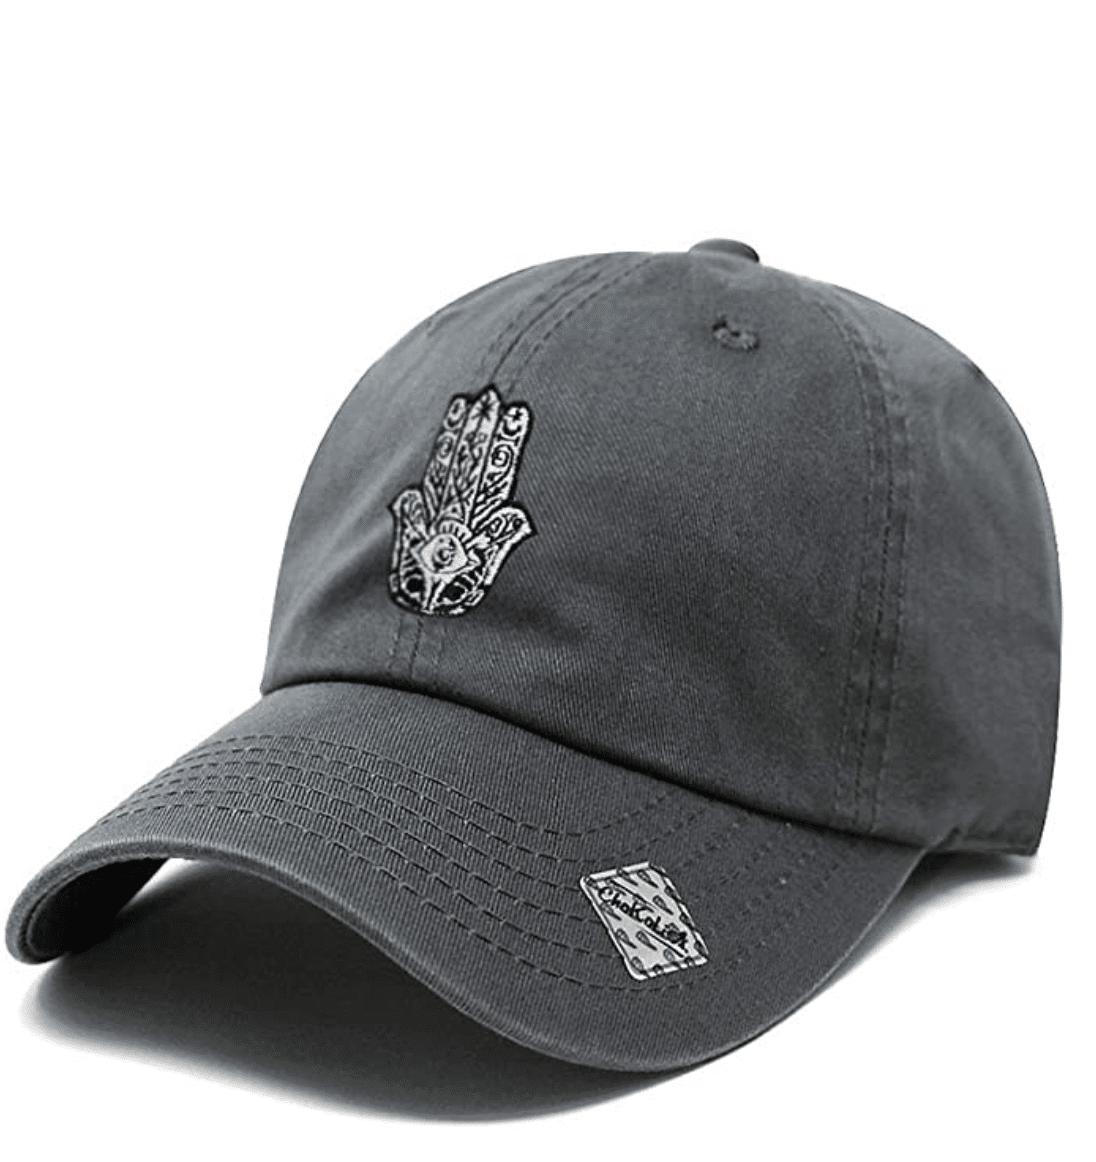 bar-mitzah-gifts-hat